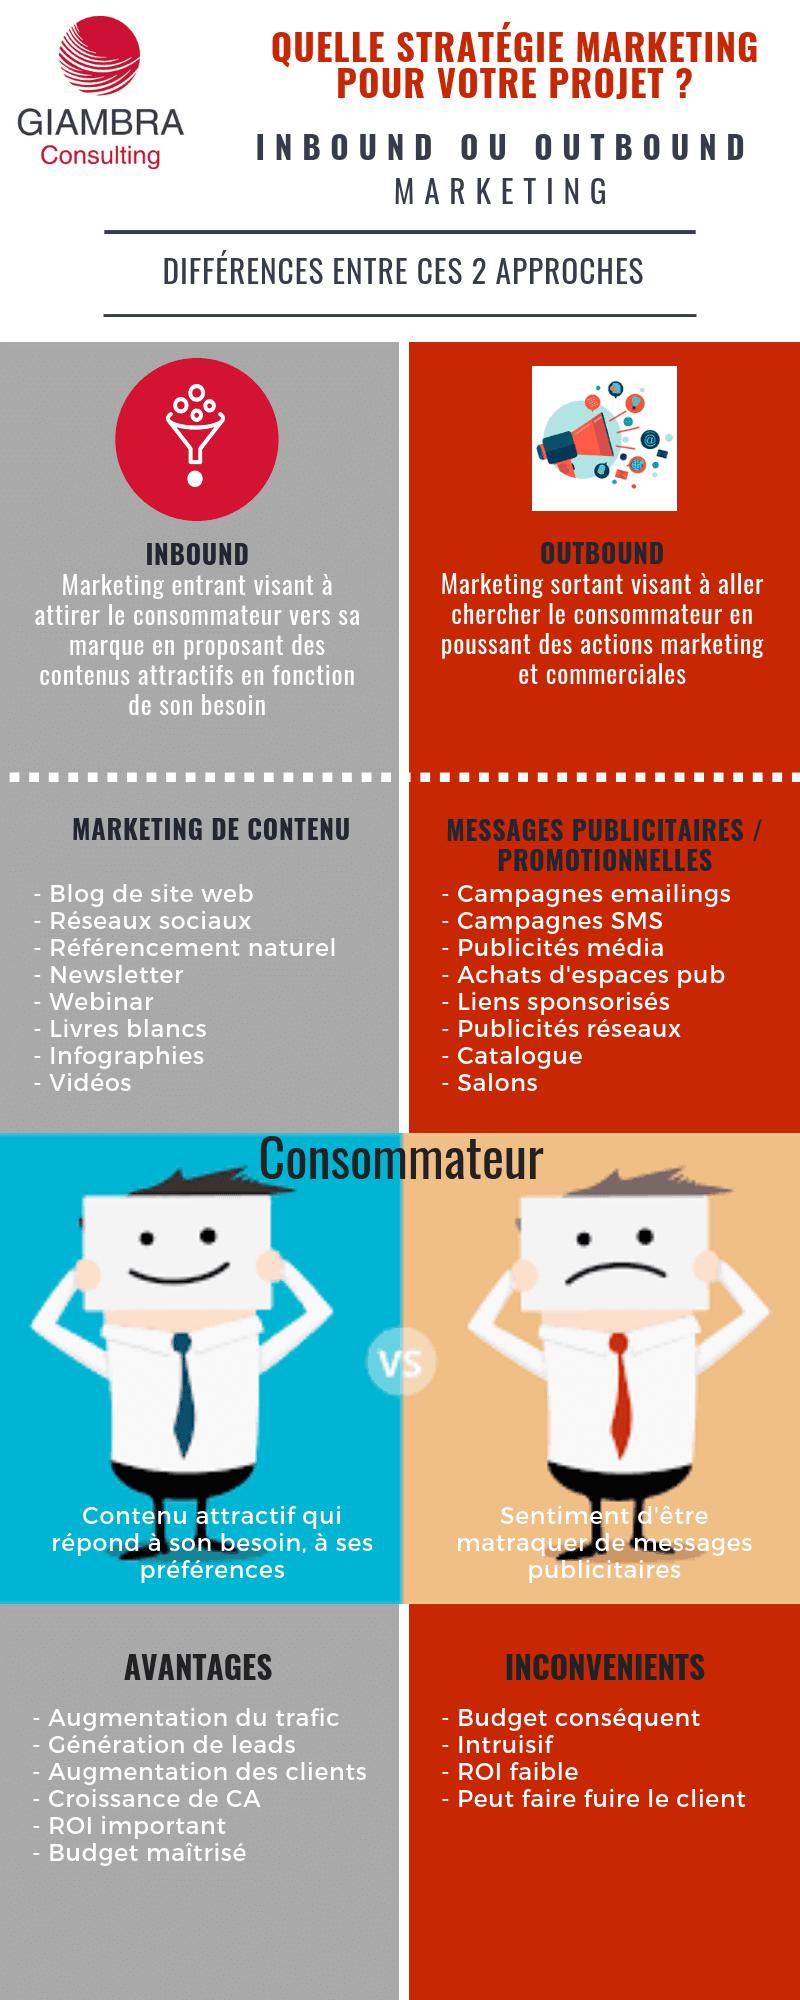 Quelle stratégie marketing privilégier pour votre projet : inbound ou outbound marketing